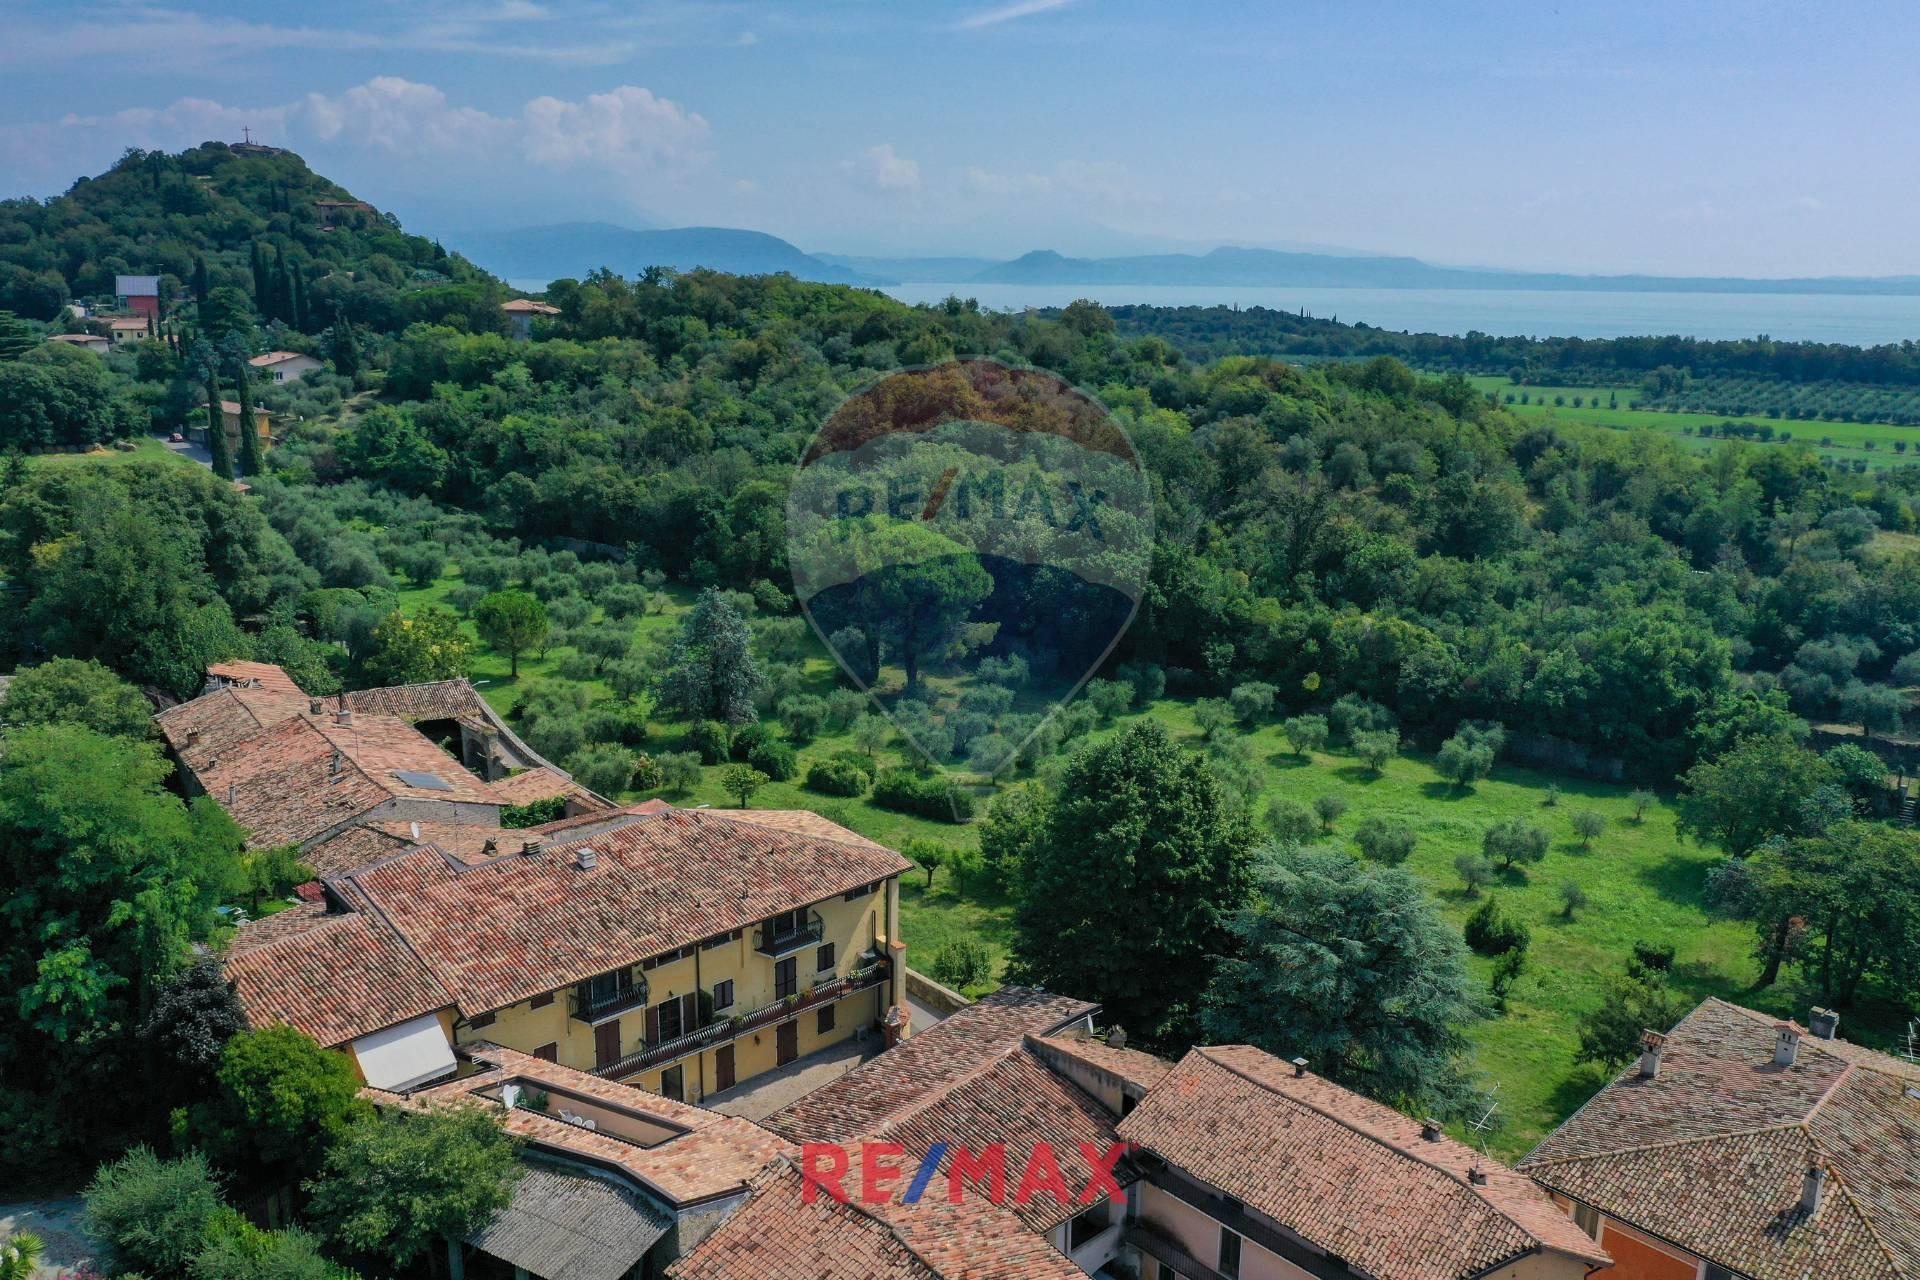 Appartamento in vendita a Manerba del Garda, 3 locali, zona Zona: Montinelle, prezzo € 199.000 | CambioCasa.it